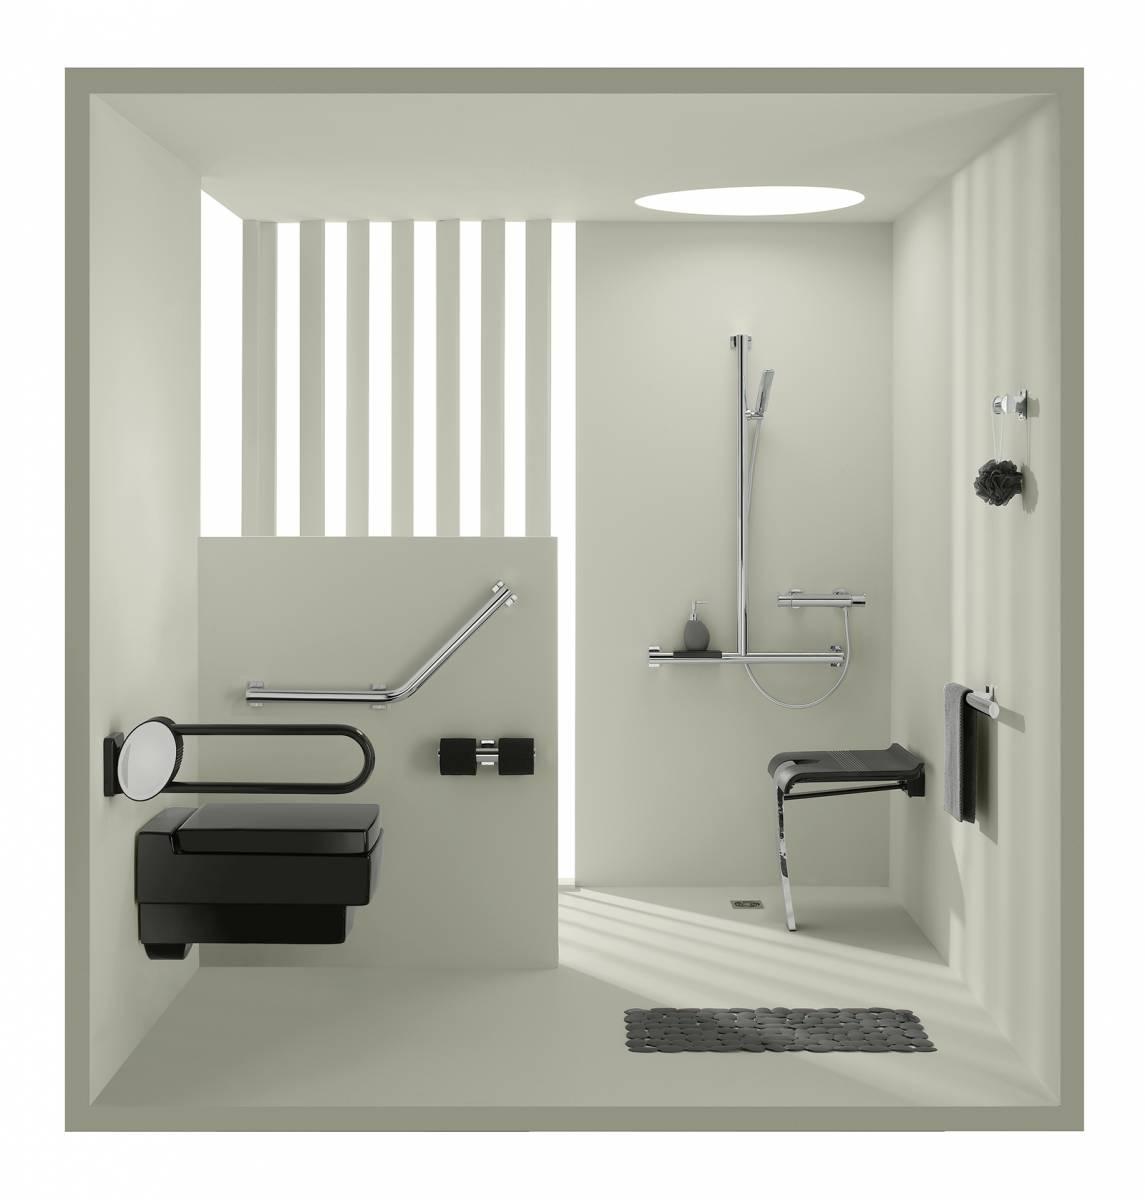 Remplacer sa baignoire par une douche personne ag e pas - Remplacer une baignoire par une douche ...